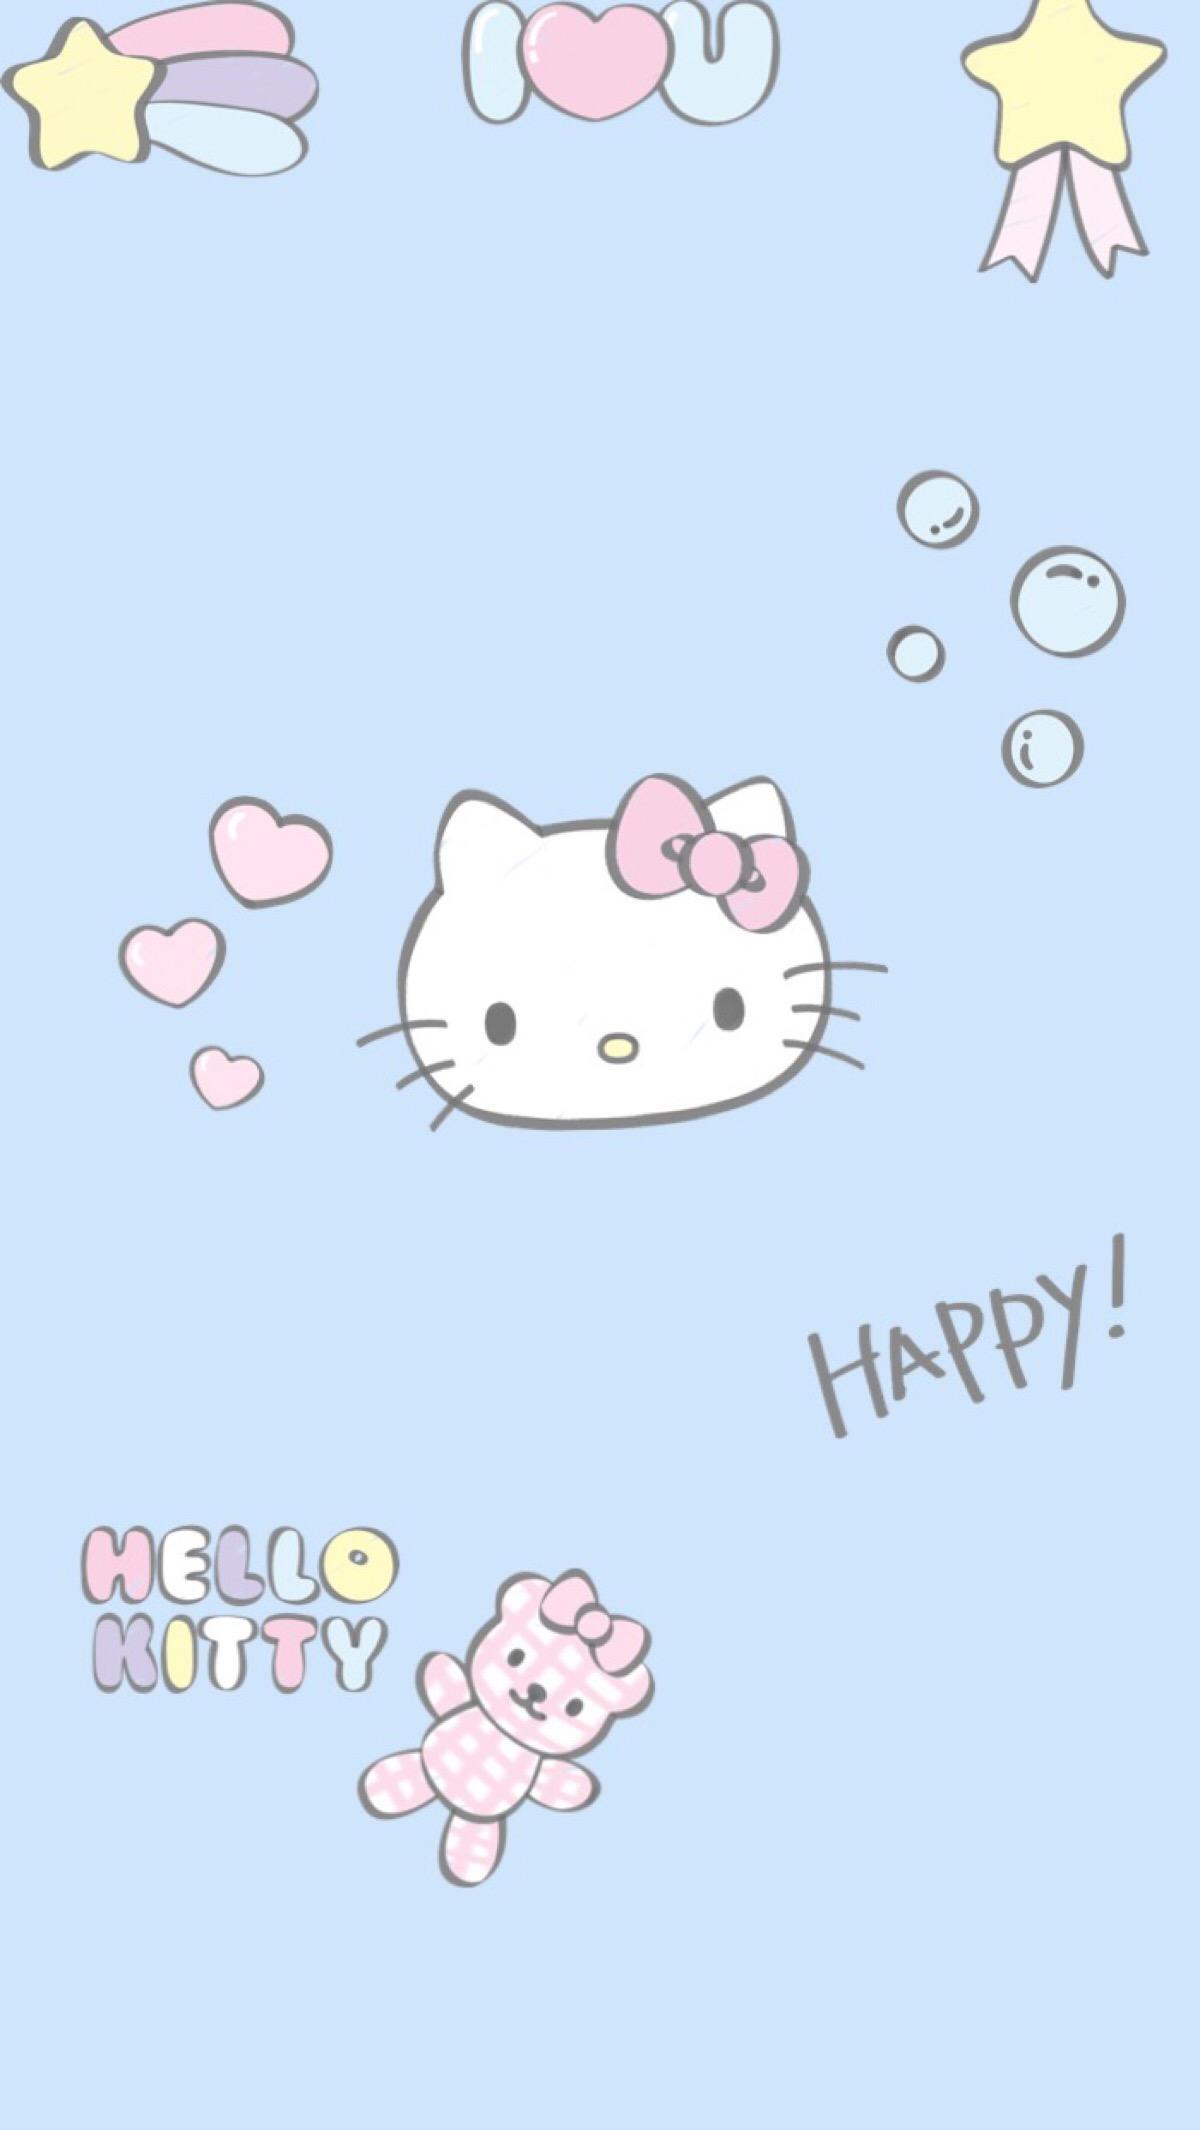 HelloKitty粉粉手机壁纸